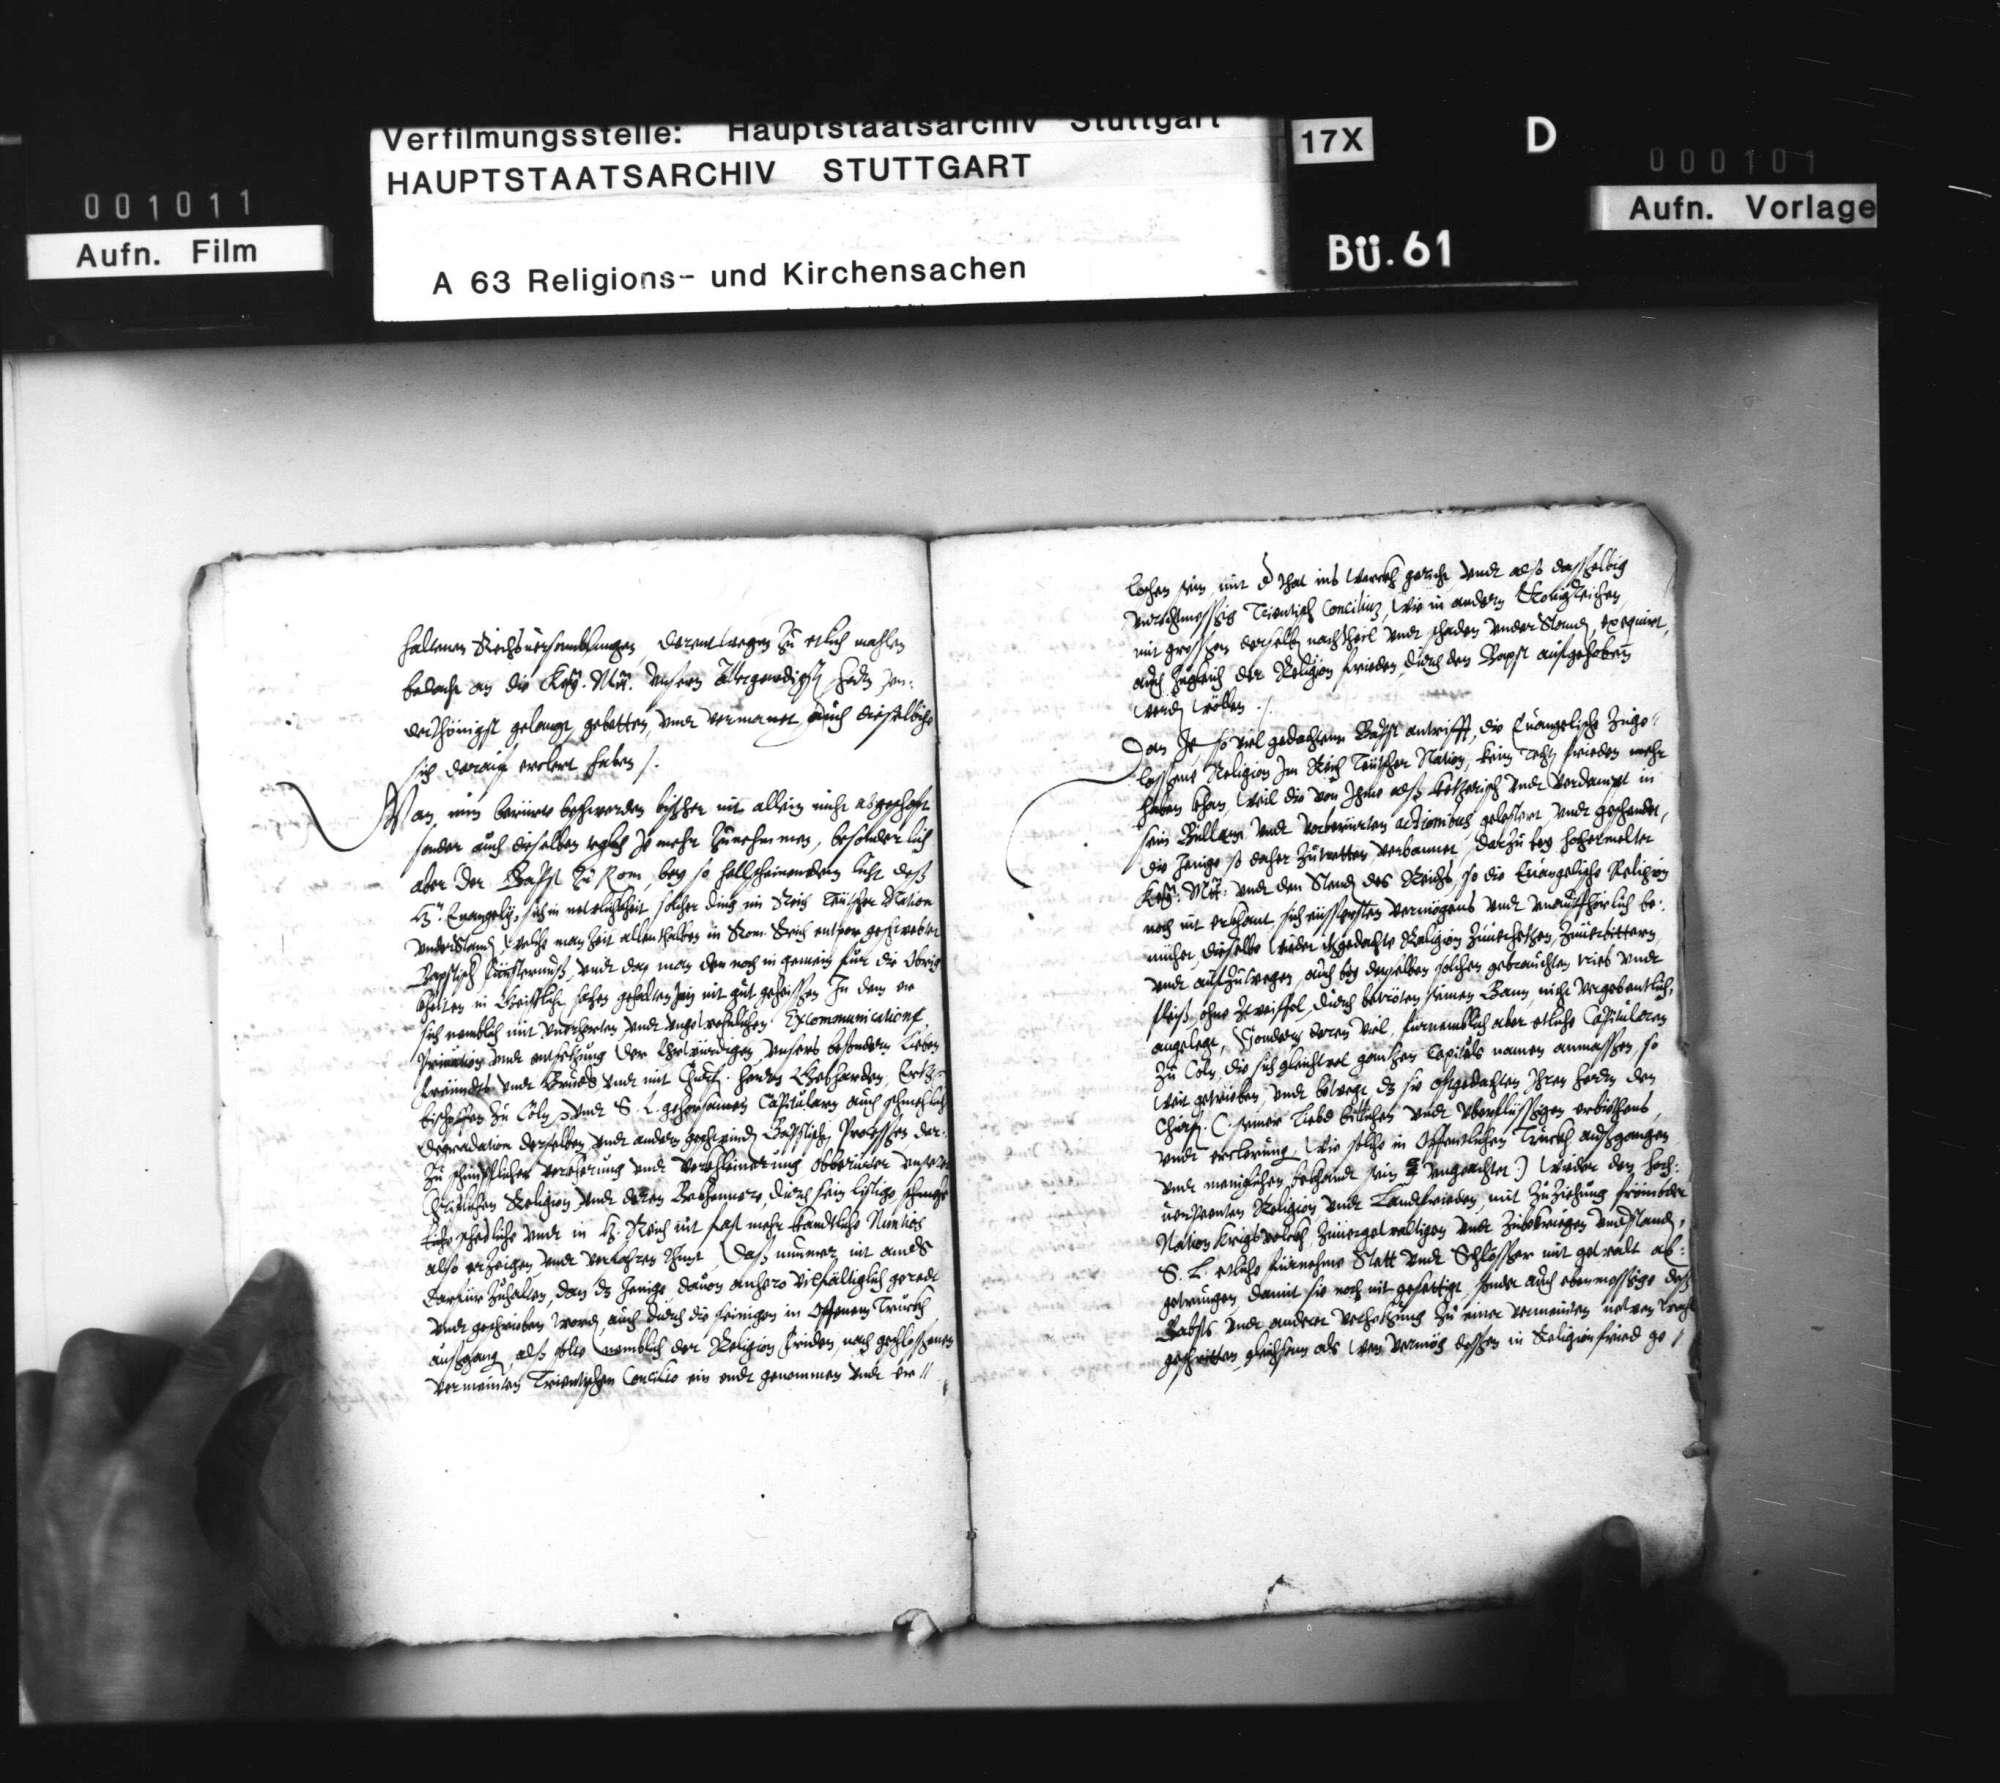 Pfalzgraf Ludwigs Einladung an die Stände Augsburger Konfession zu einem Konvent nach Mühlhausen. Abschrift, Bild 3